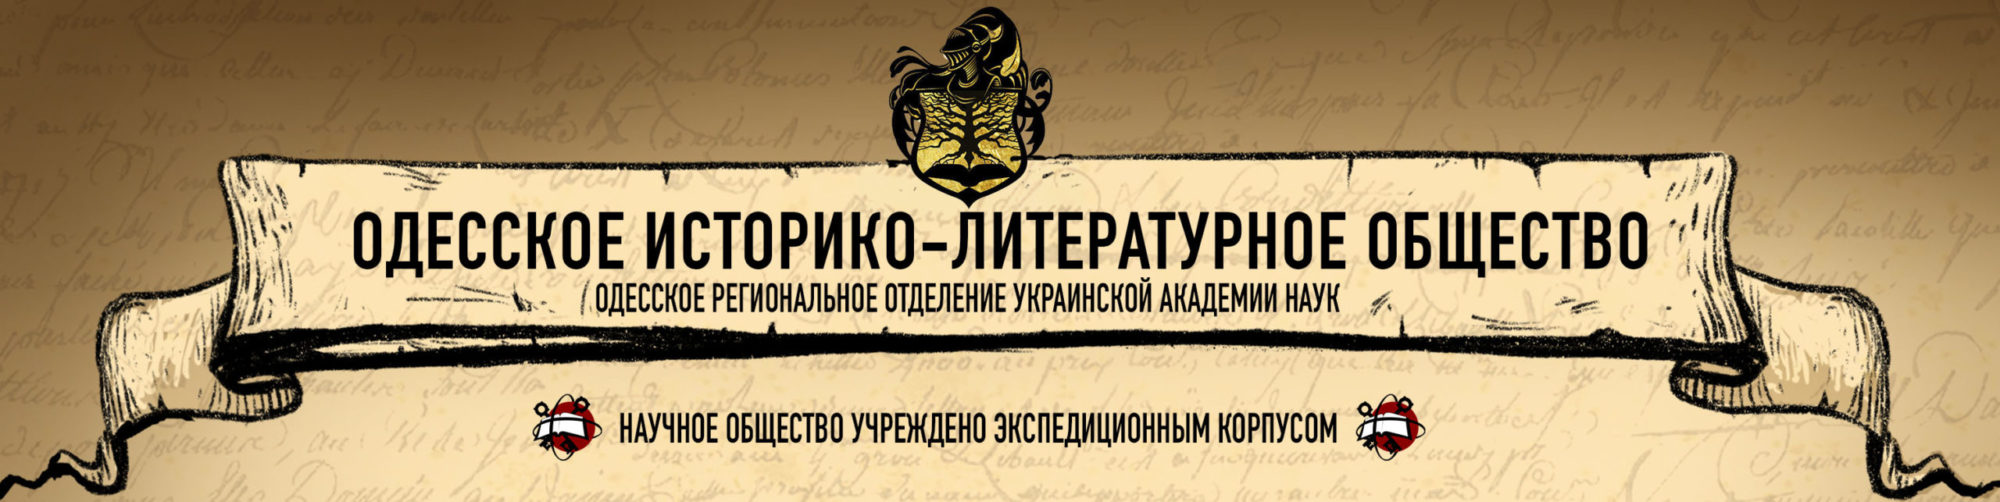 Историко-литературное сообщество